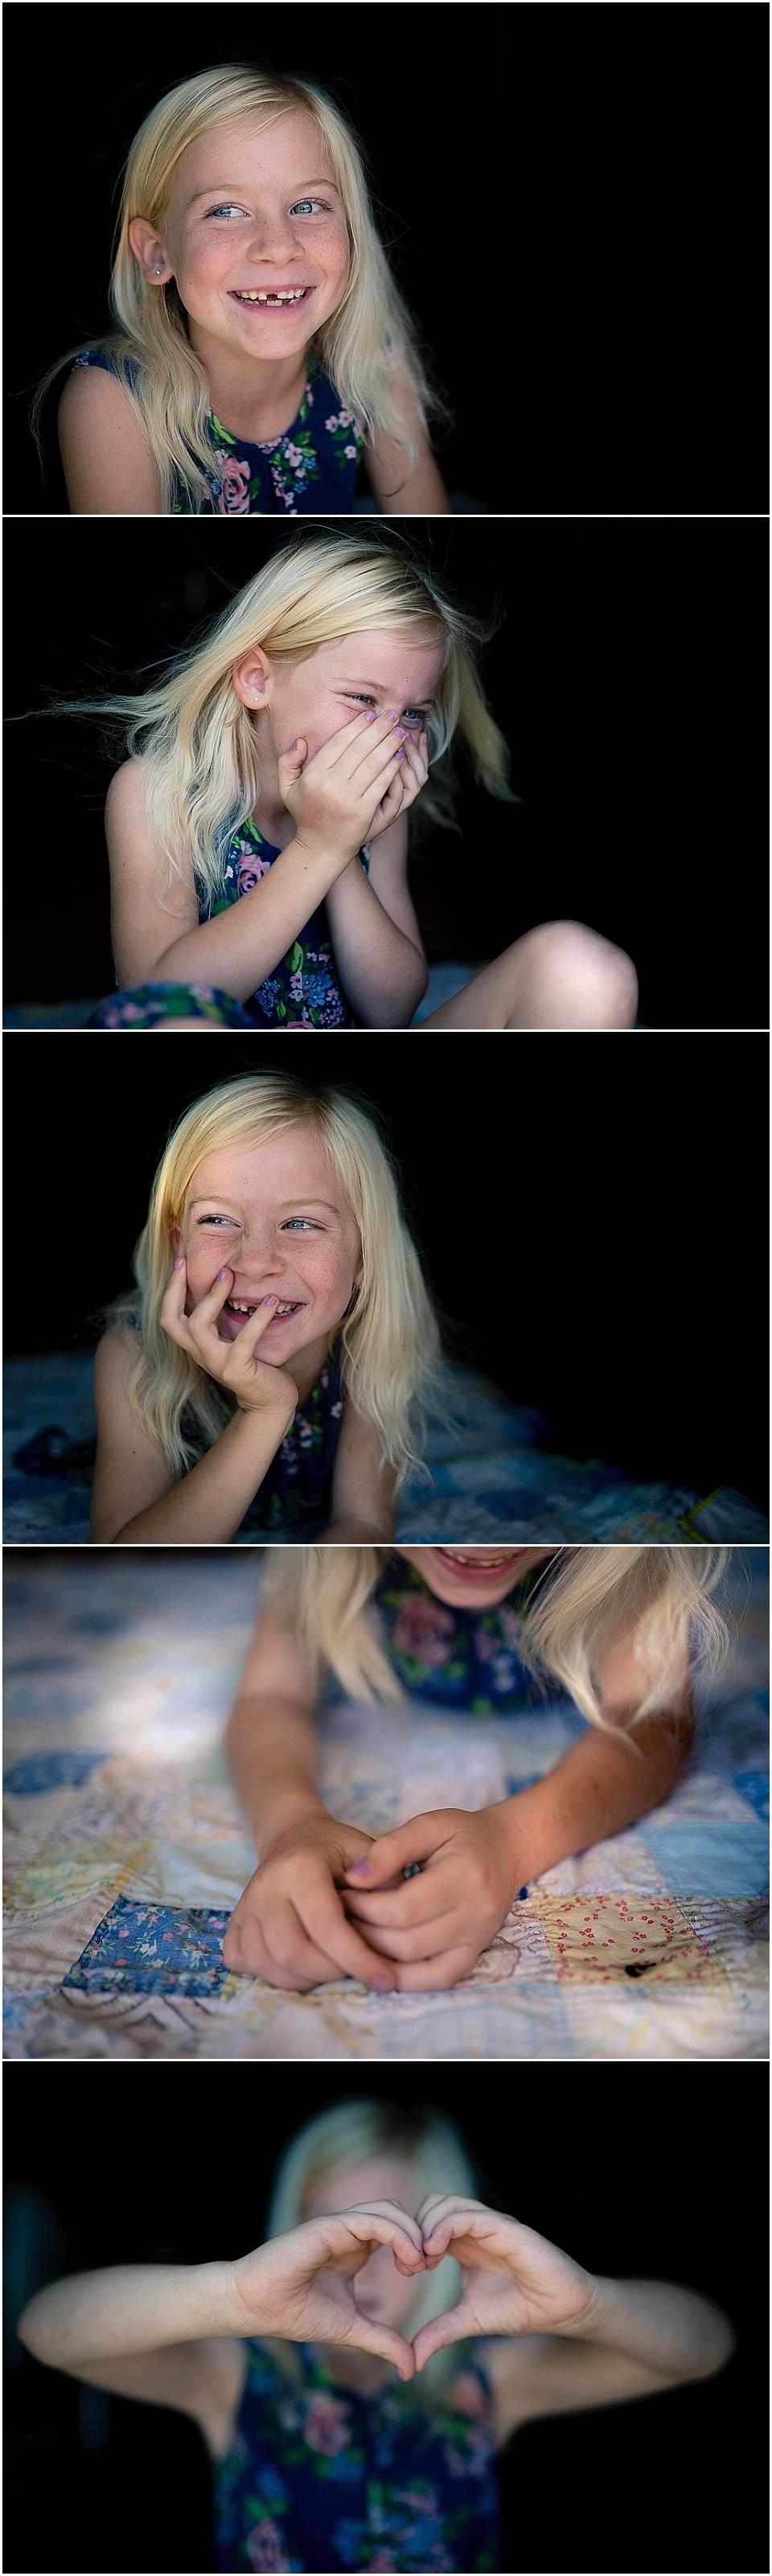 springfield illinois child photographer